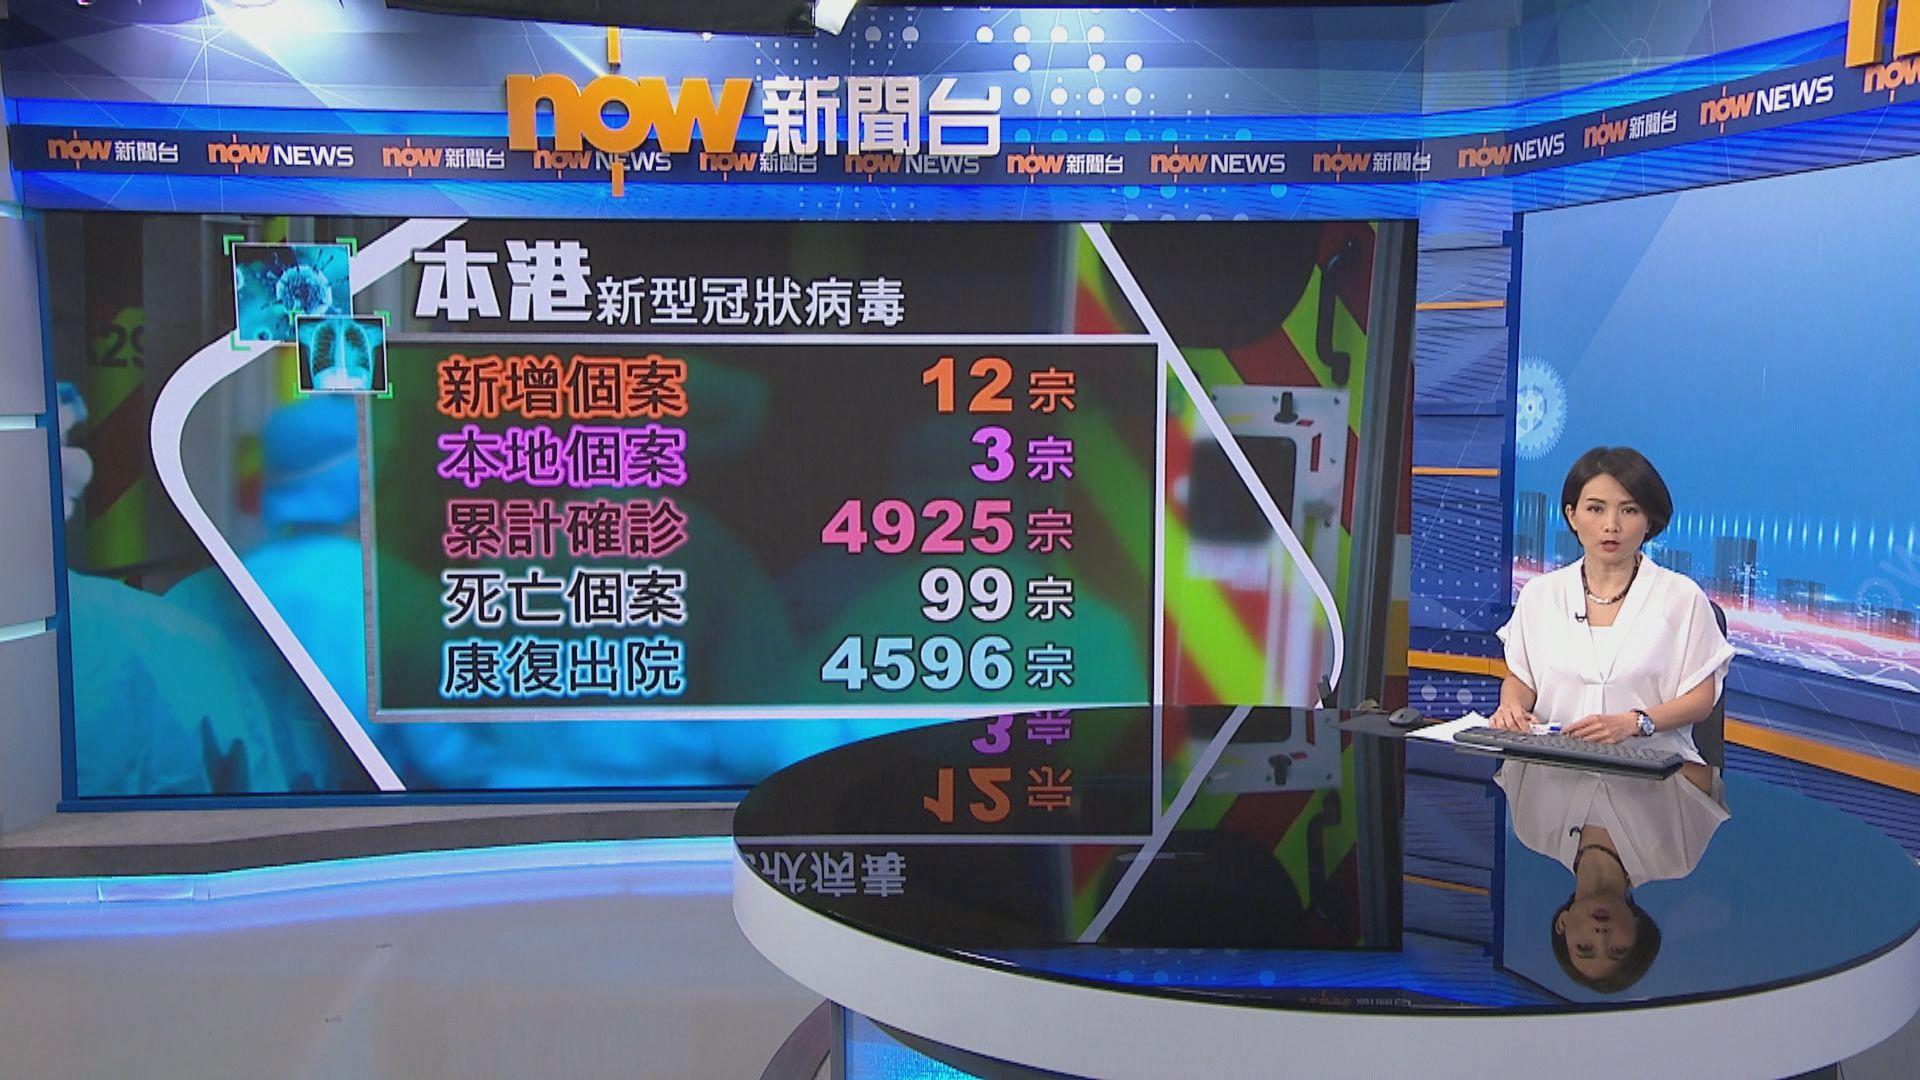 【累計4925宗】本港新增12宗確診 當中9宗輸入